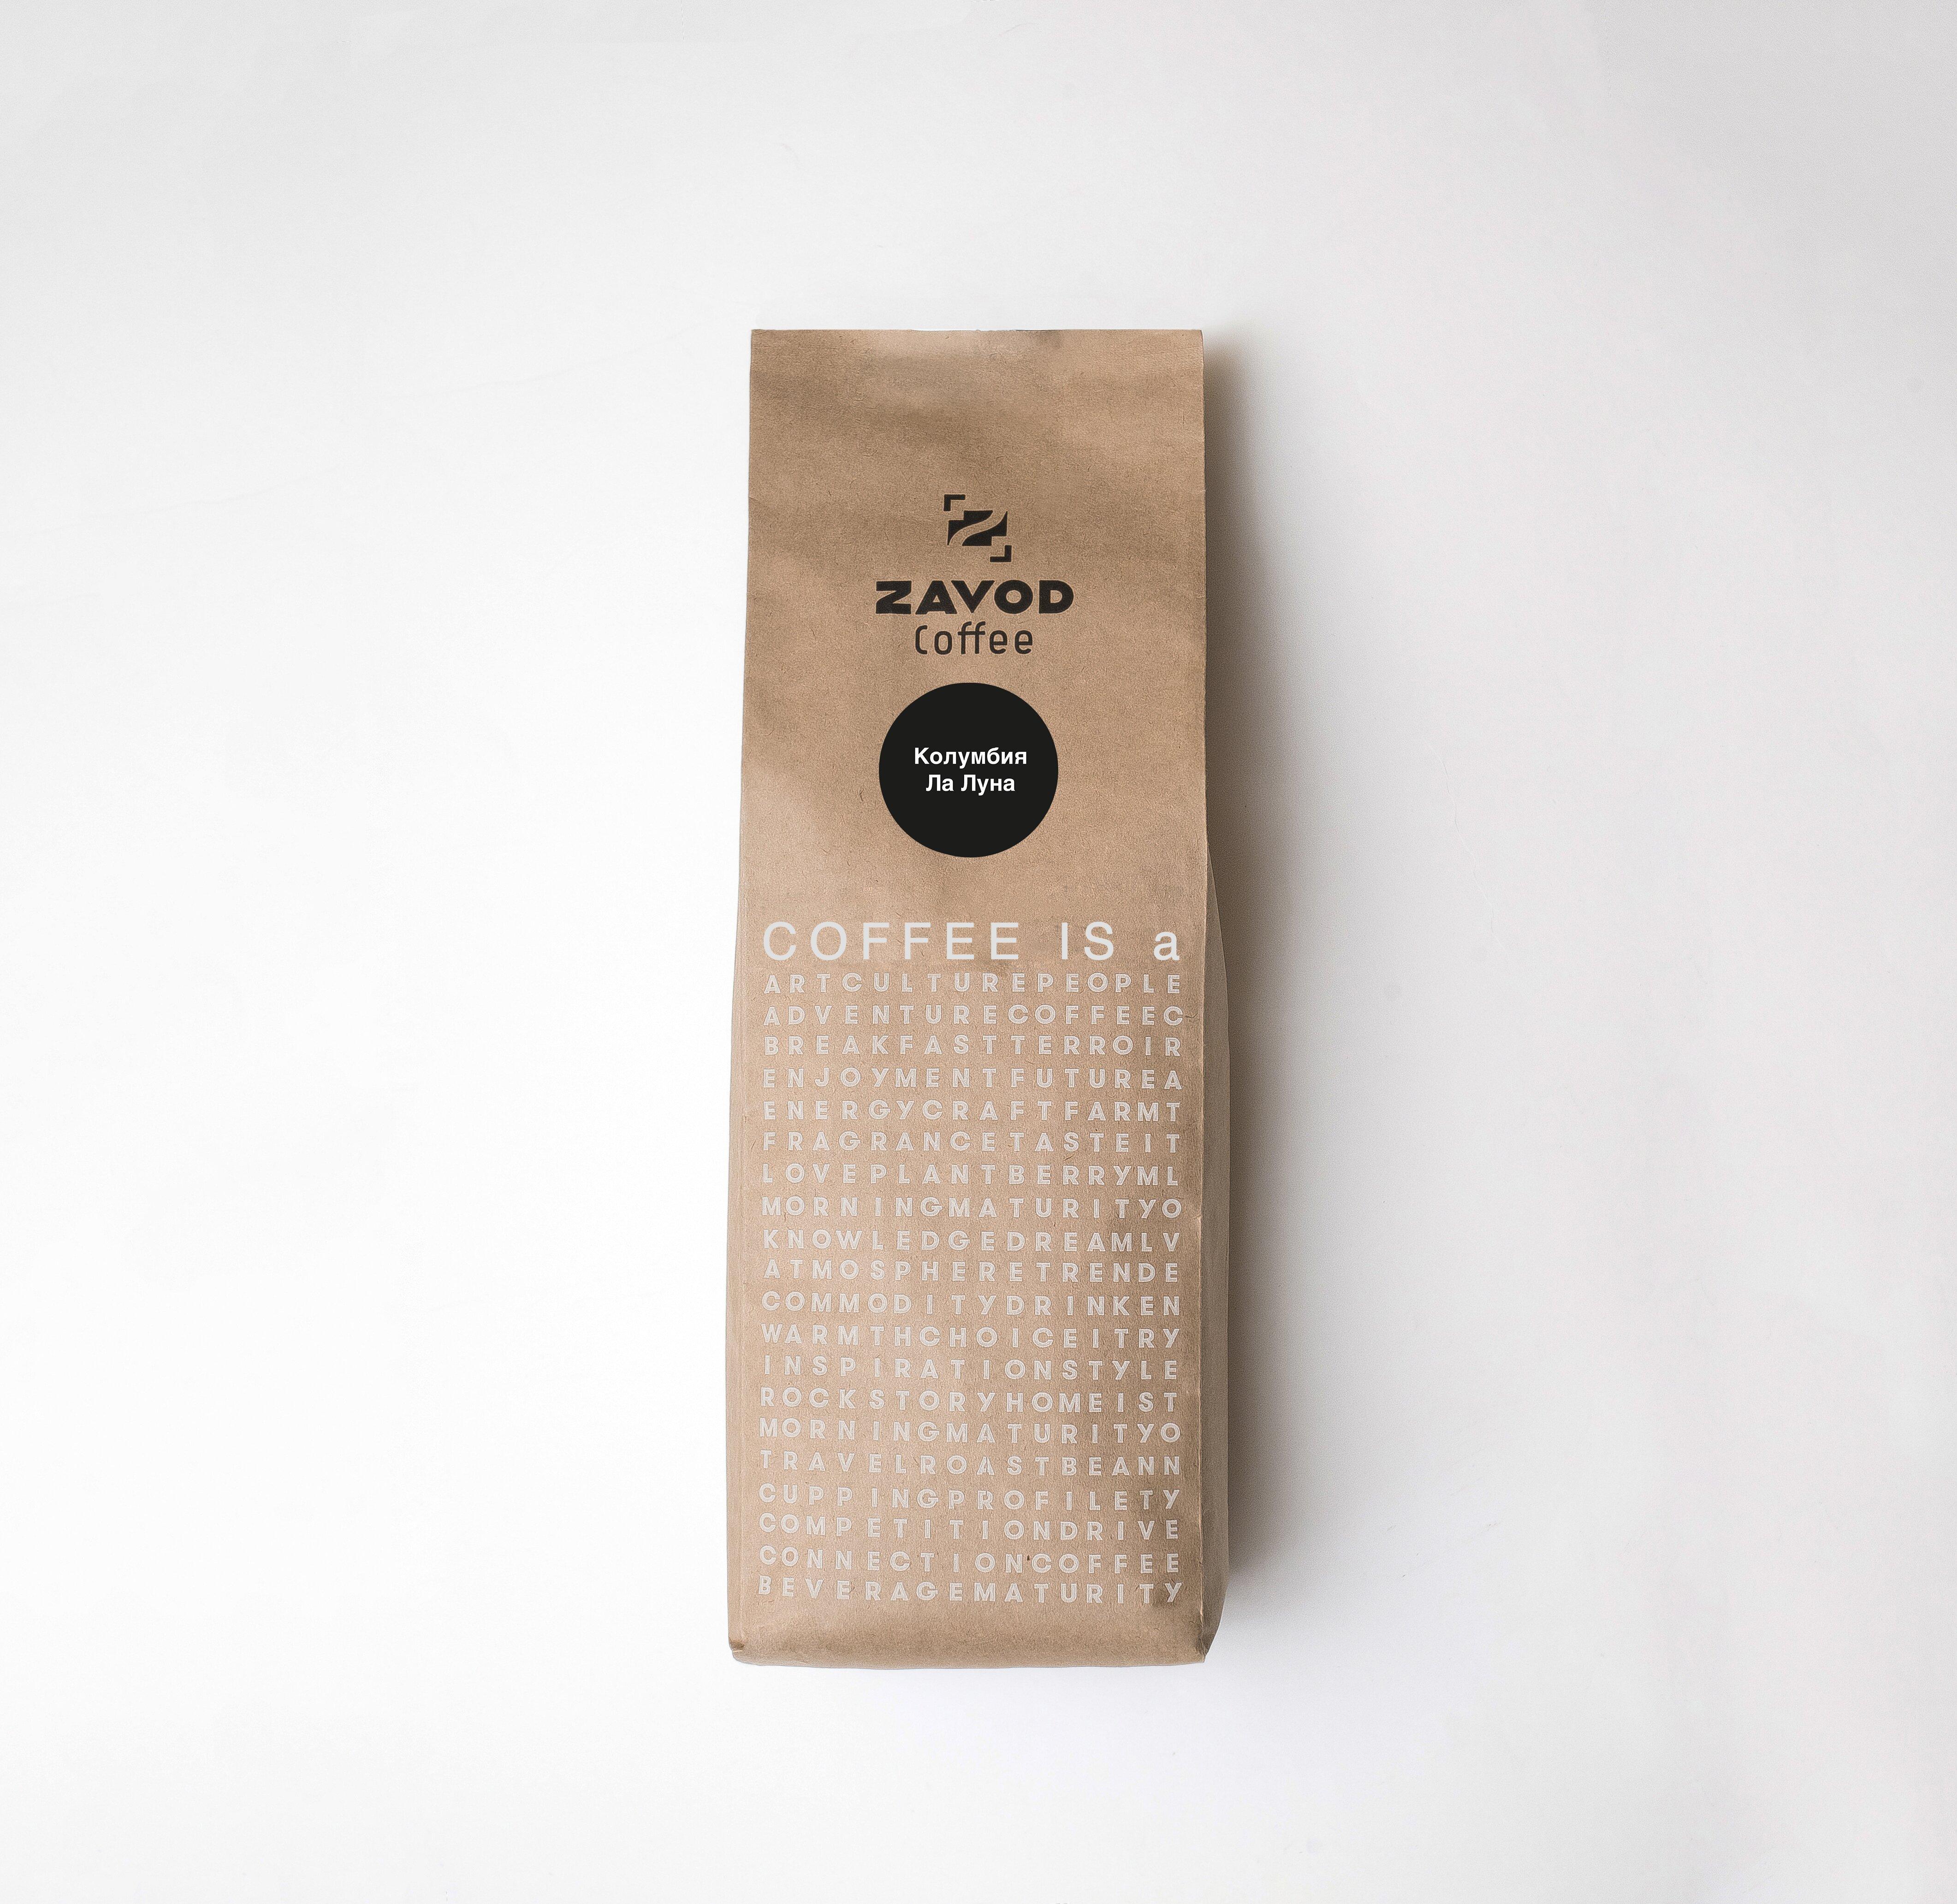 Кофе зерновой ZAVOD COFFEE Колумбия Ла Луна